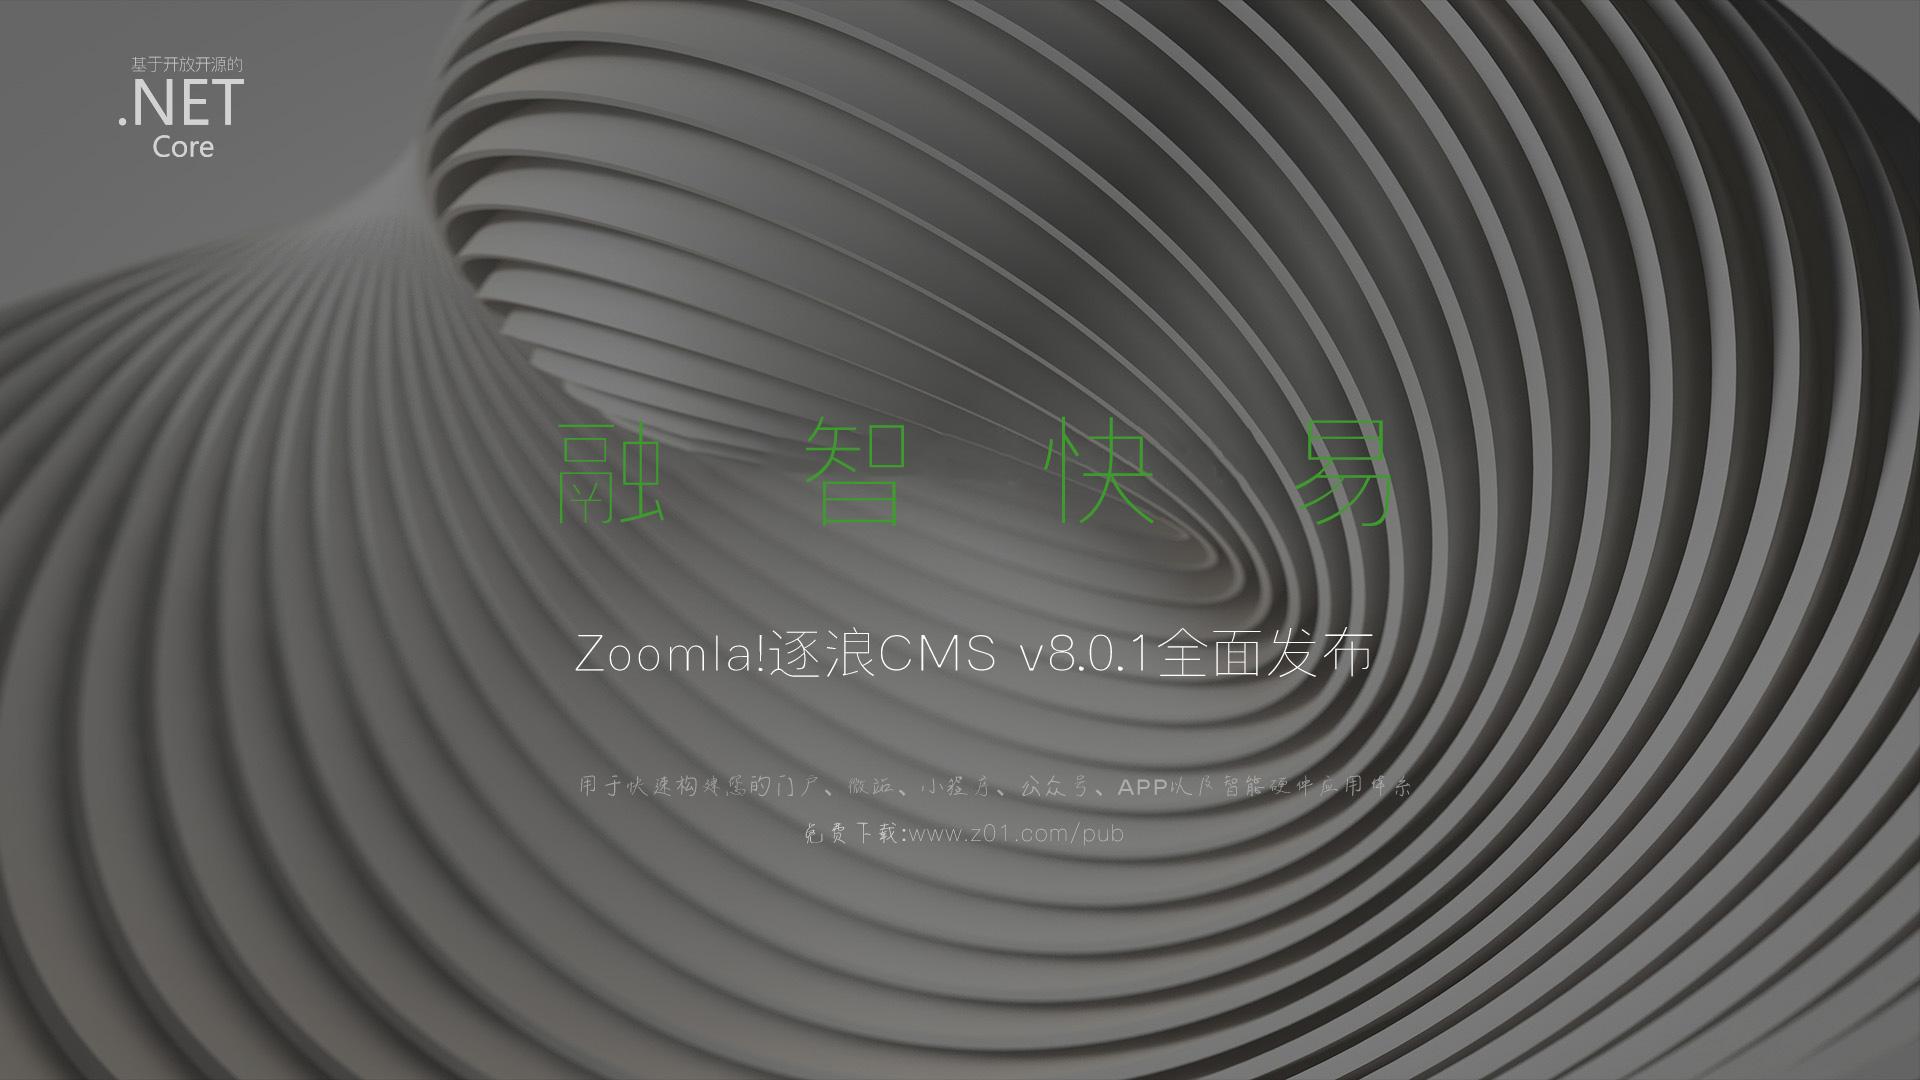 汇聚25款webfont字体-逐浪CMS v8.0.1全面发布[基于dotNET Core]